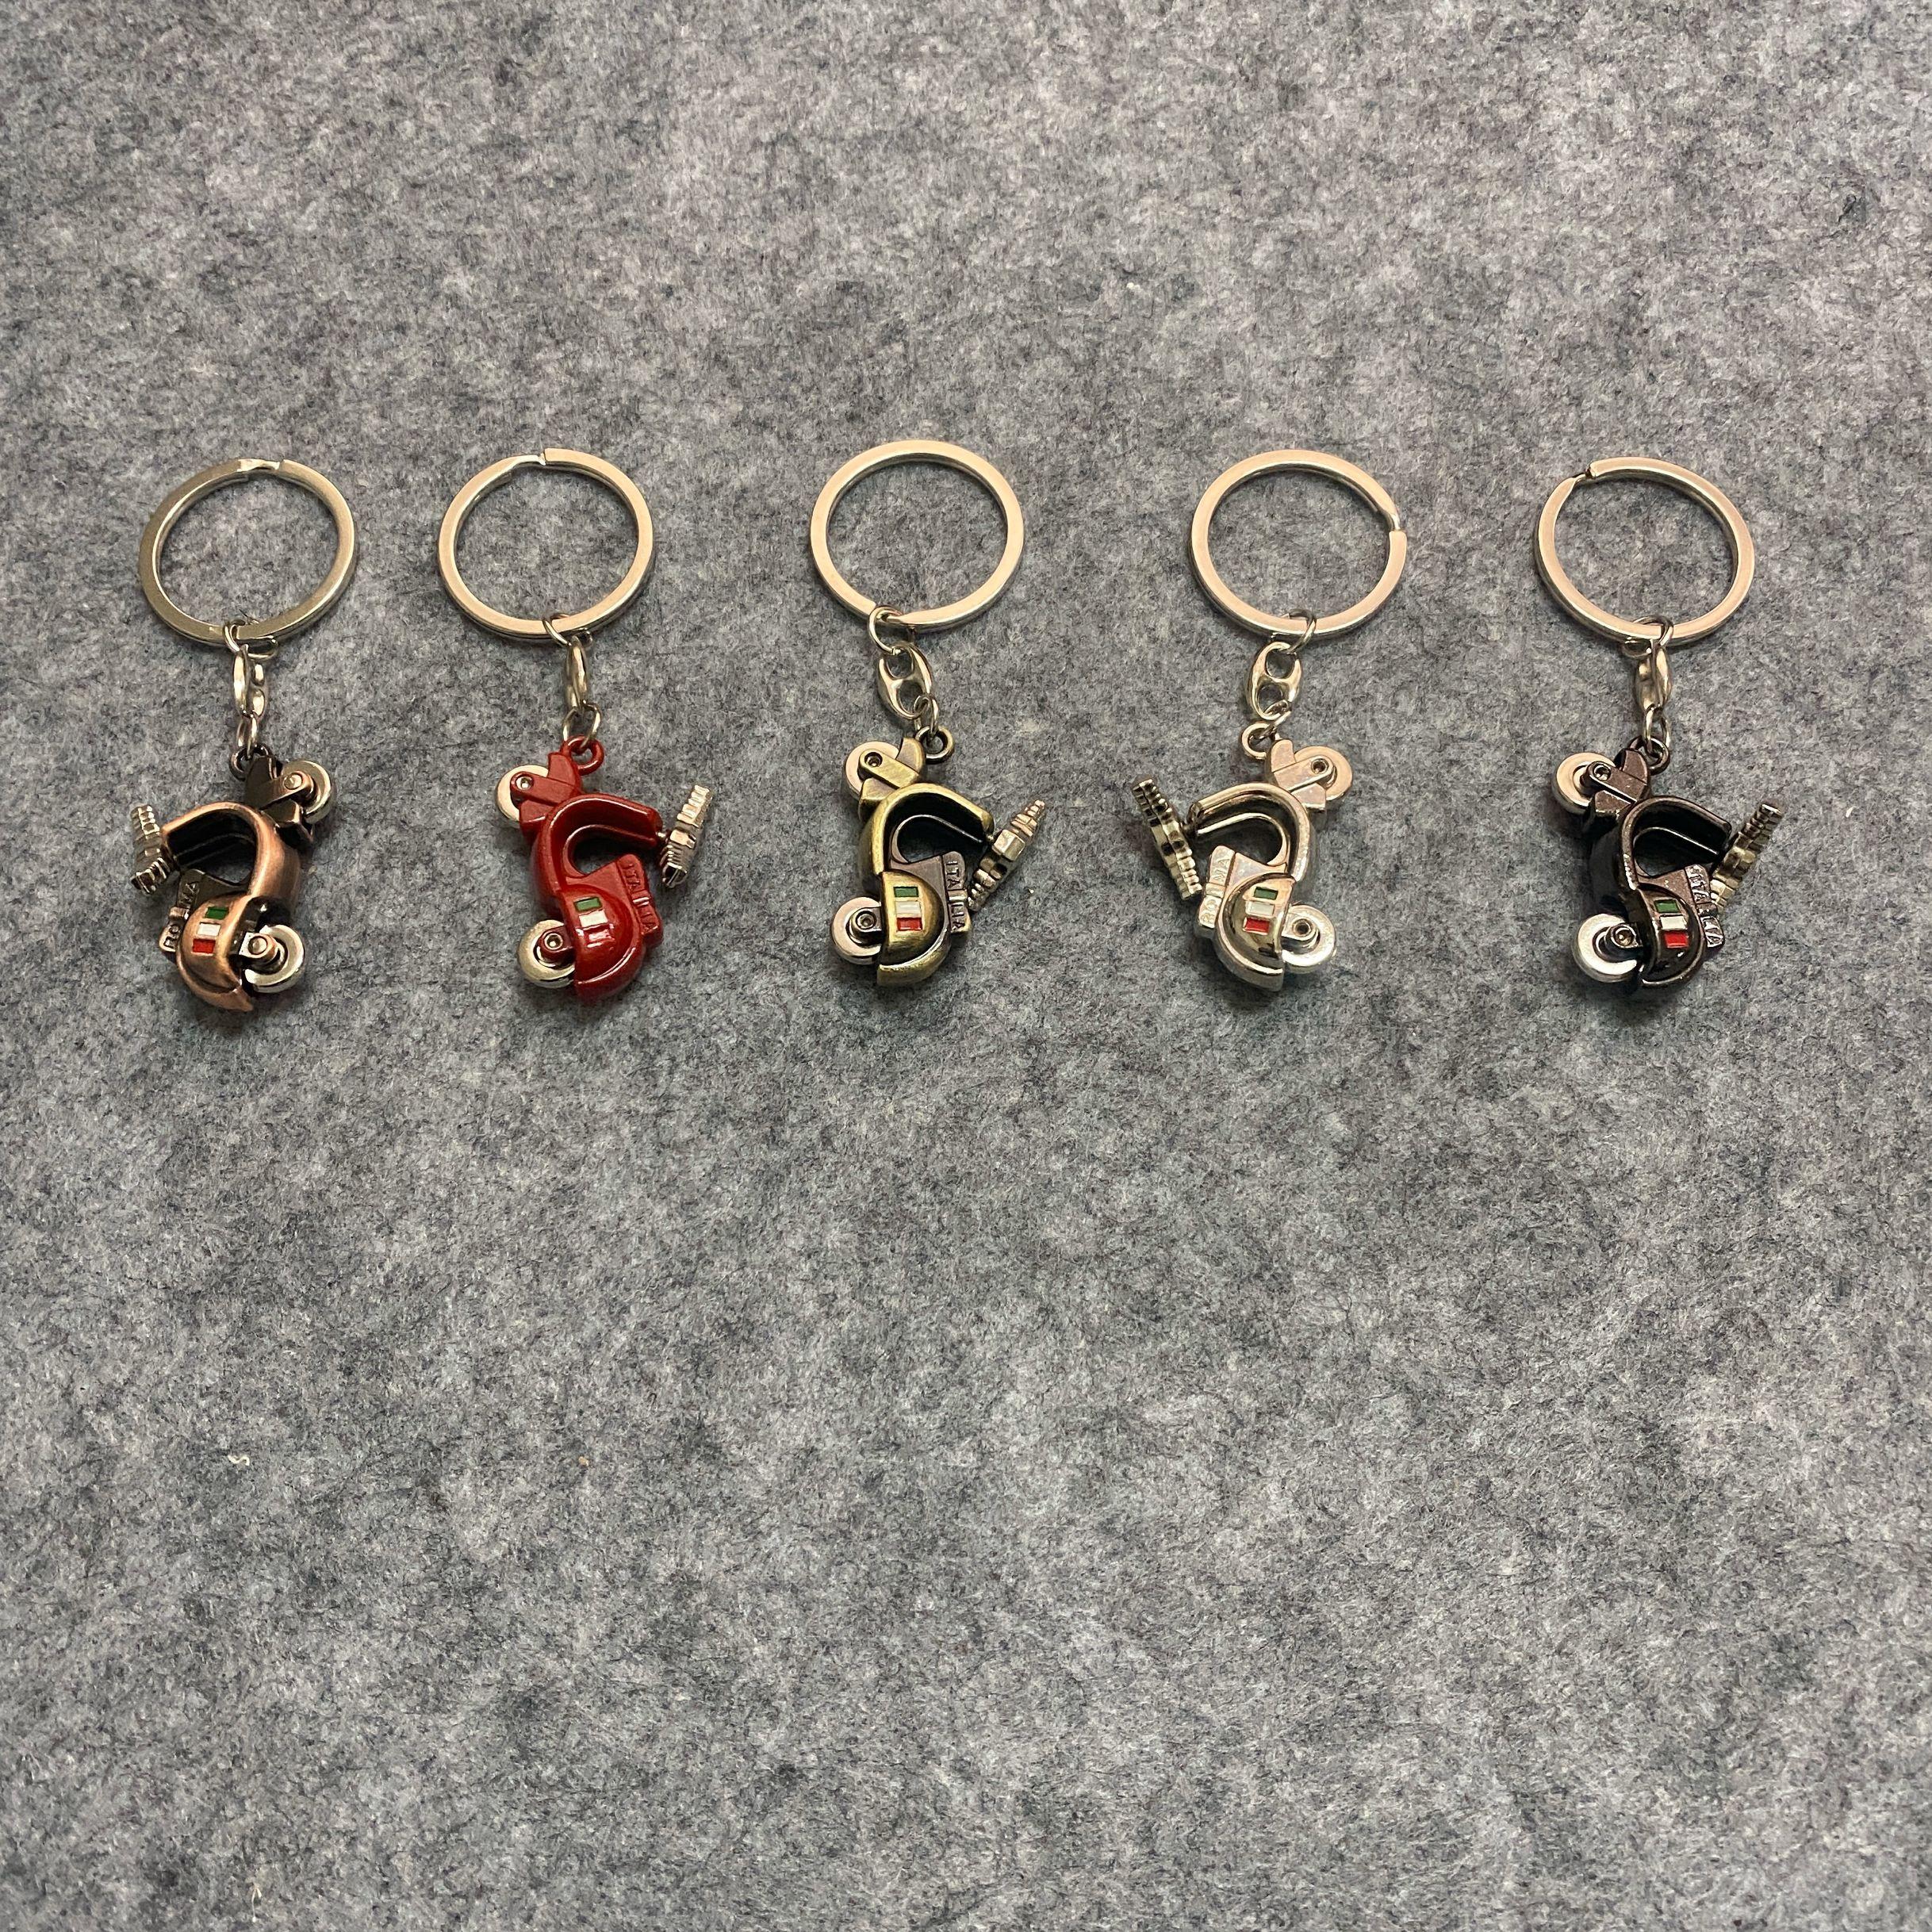 New CHROME Metal Piaggio Keyring key chain